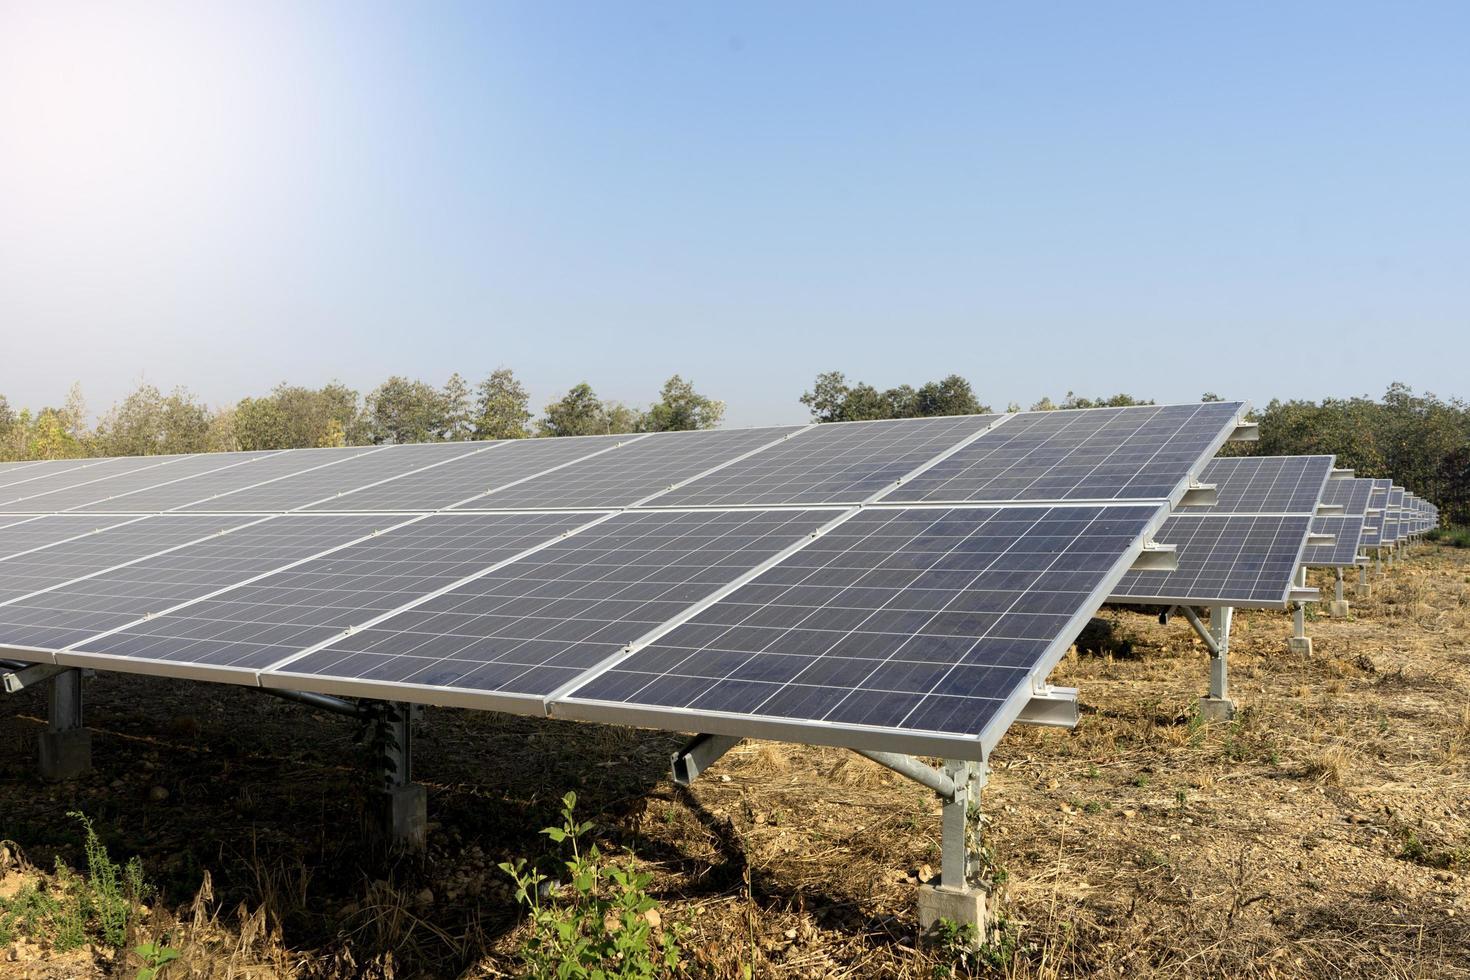 ferme solaire fournissant de l'énergie verte photo